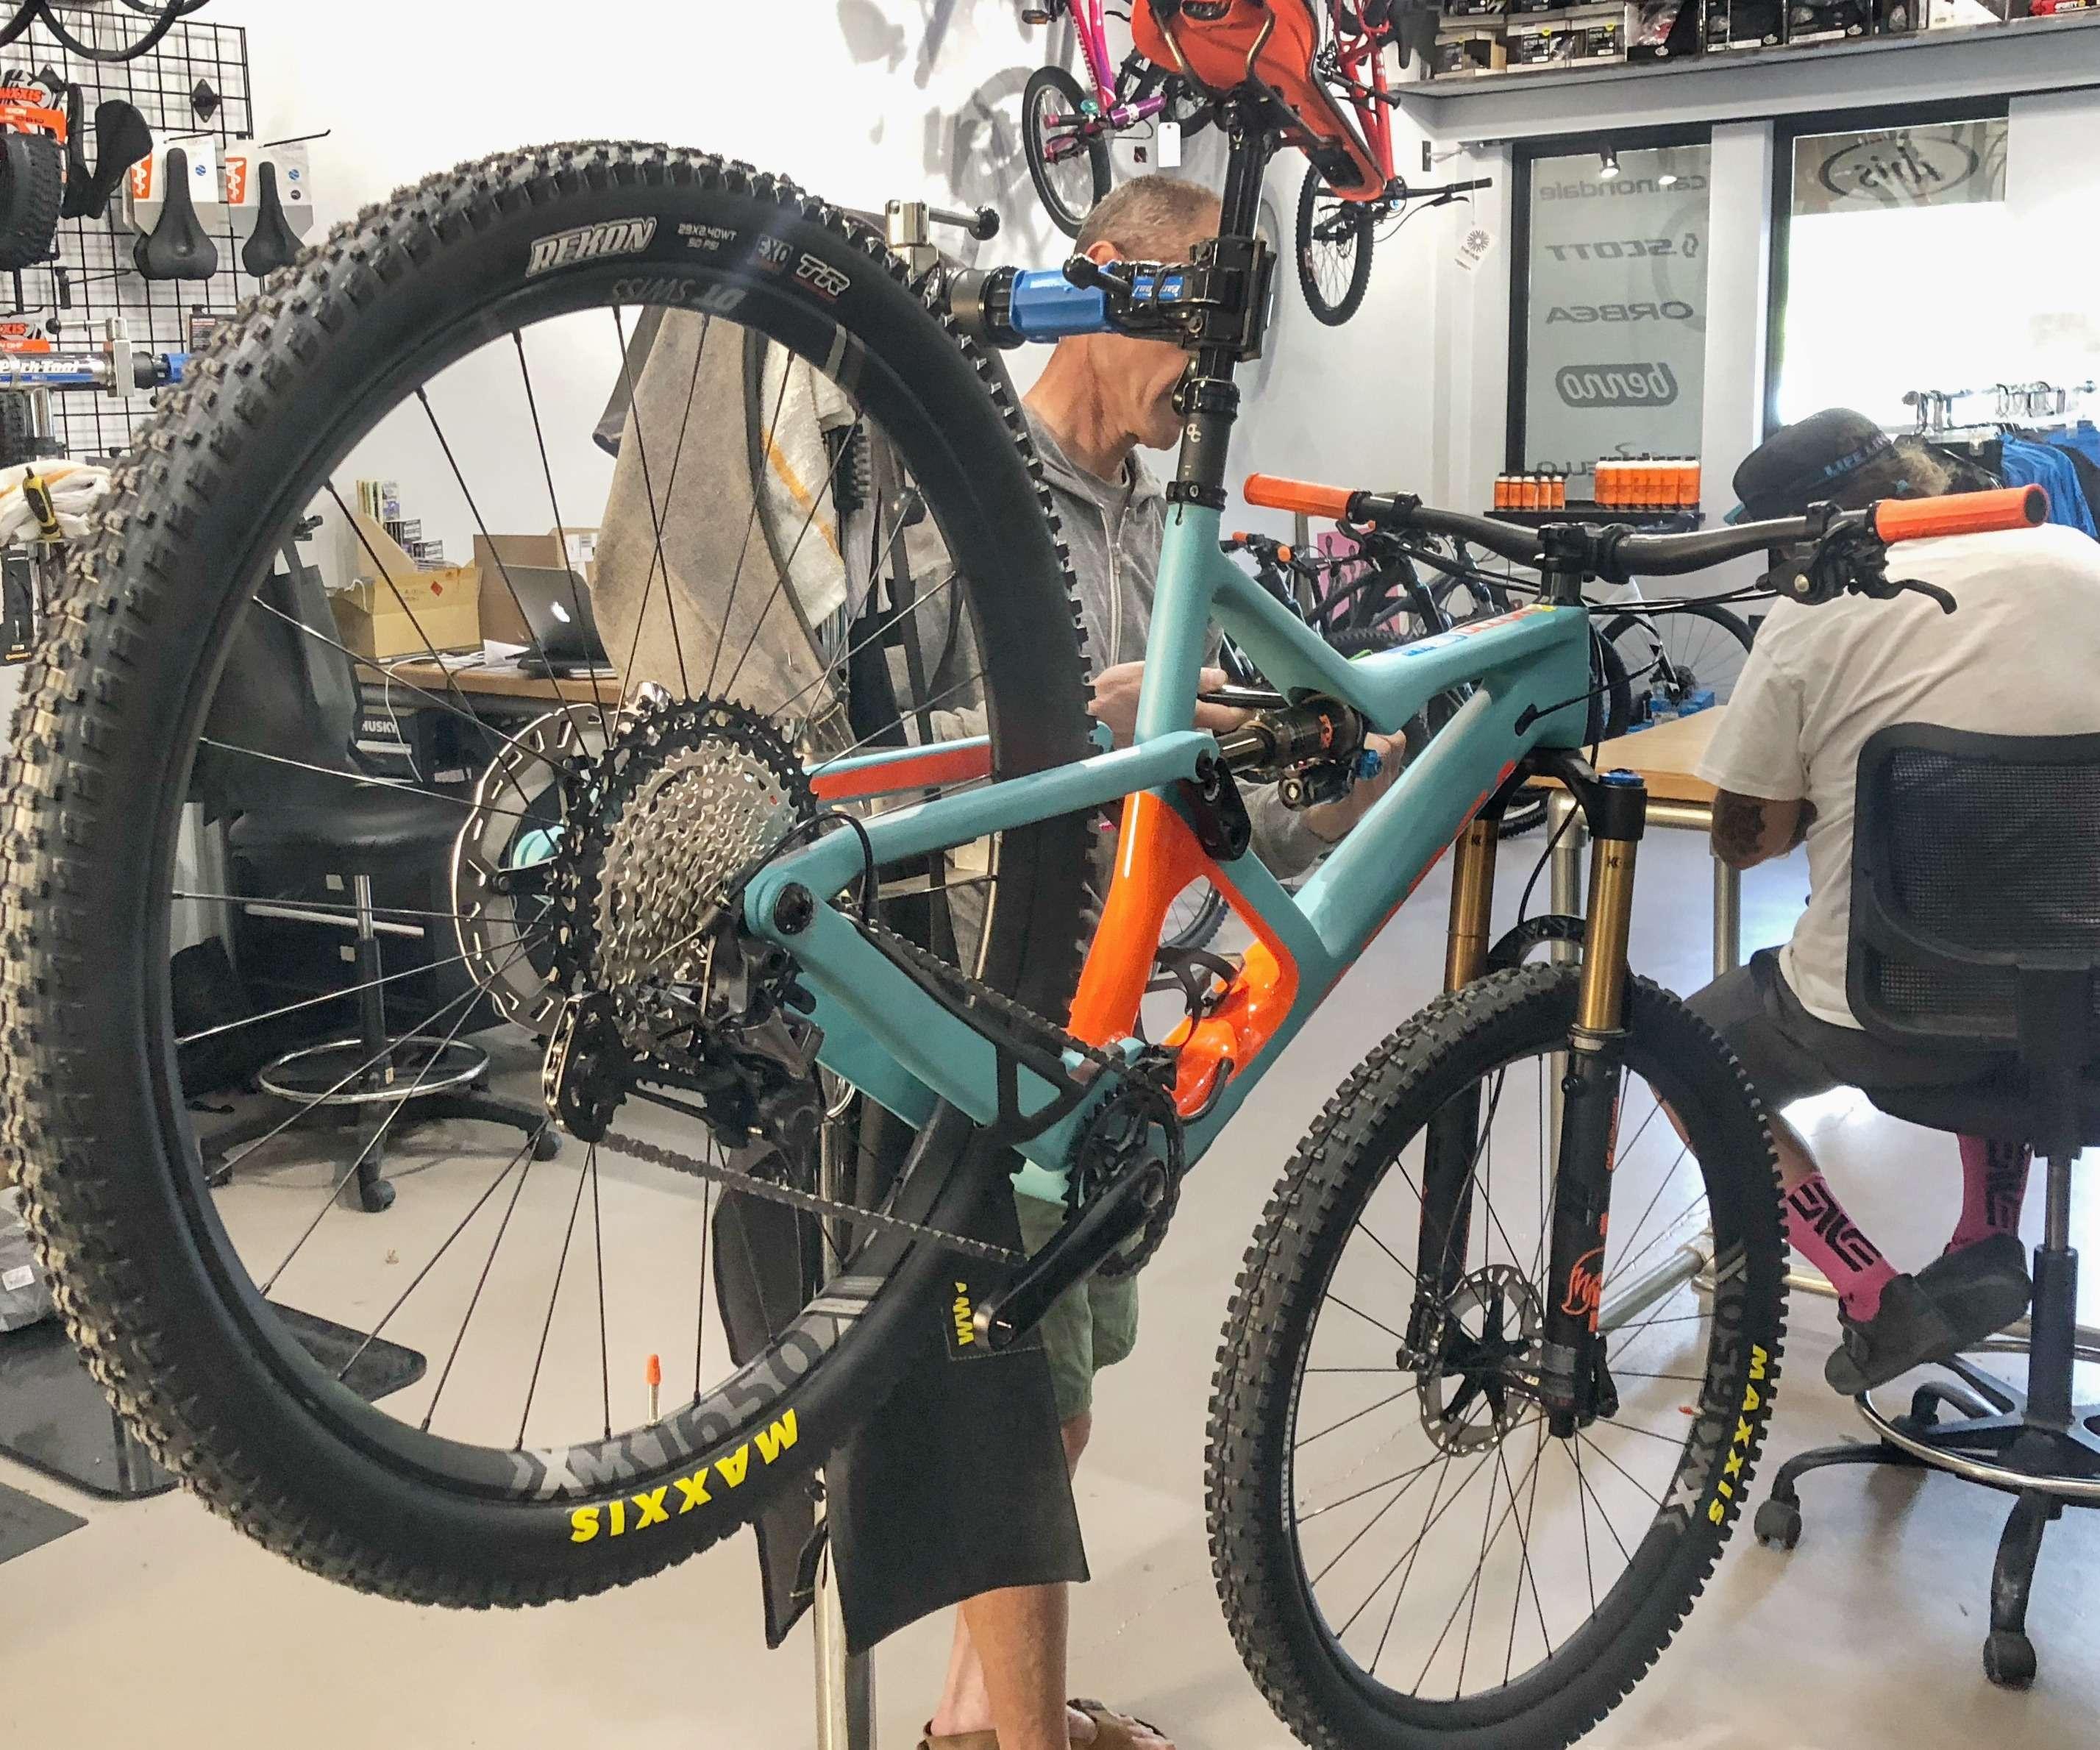 Bike mechanic fixing a mountain bike.